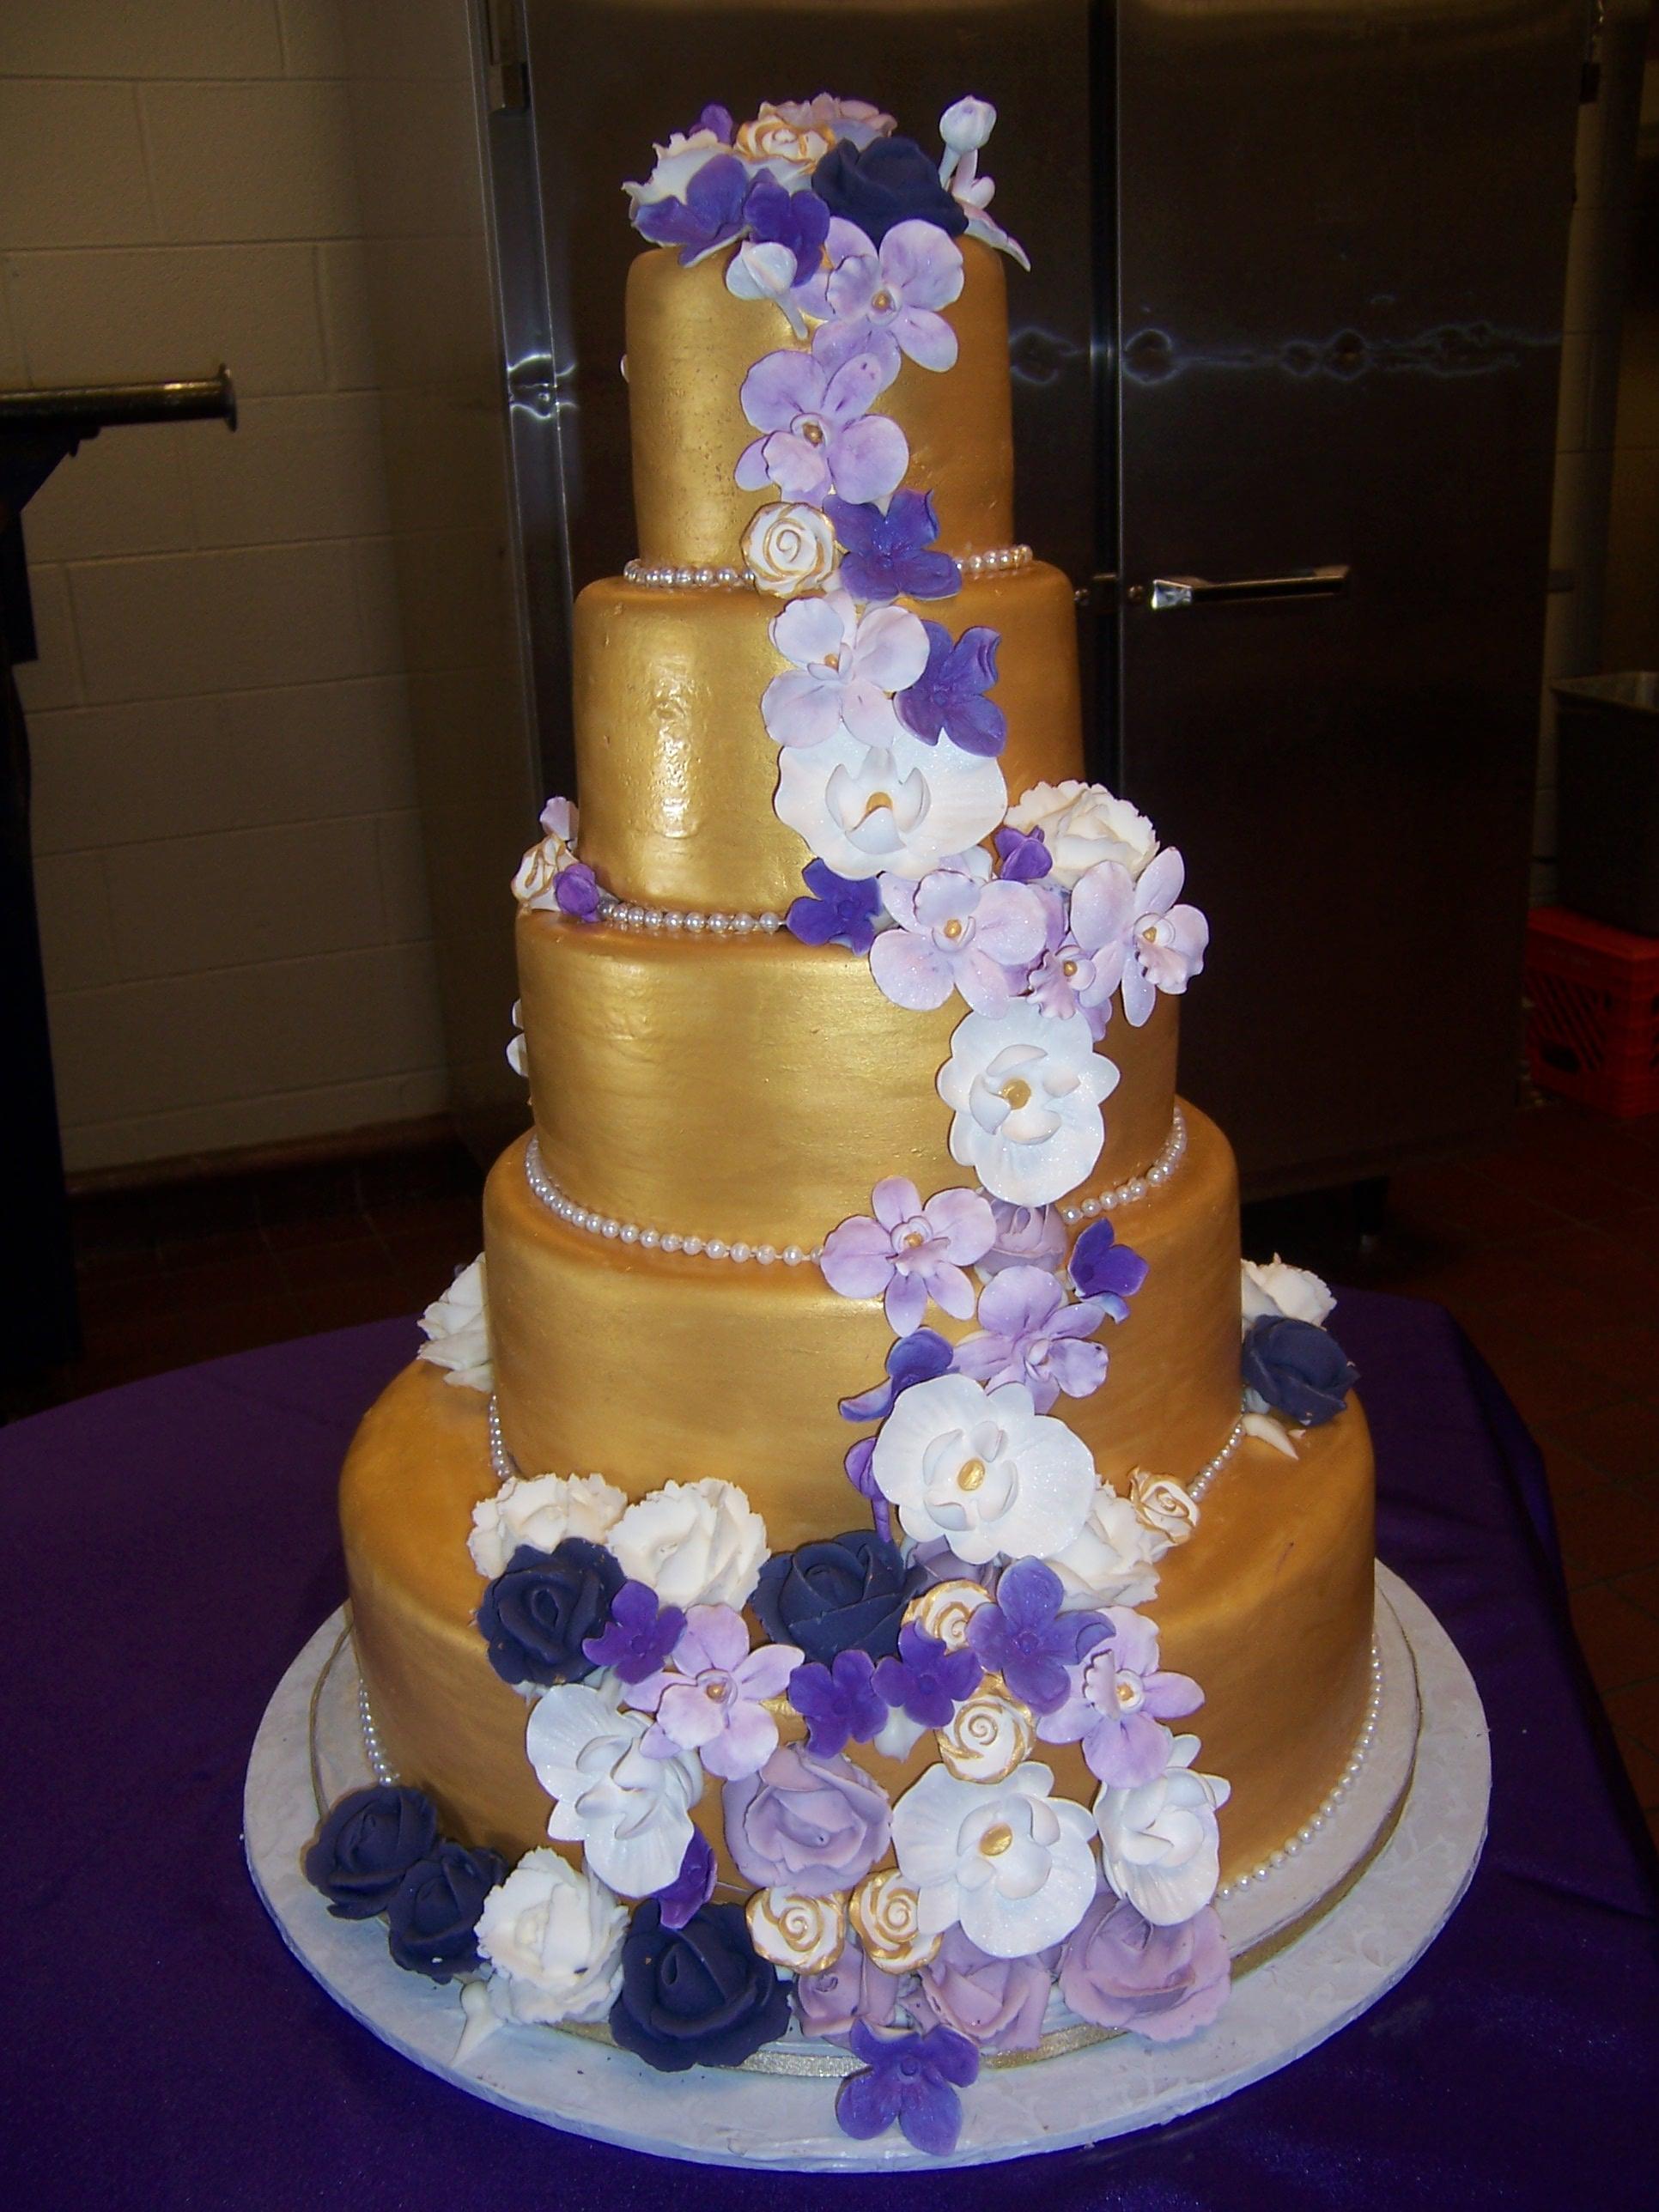 cakes 001 copy